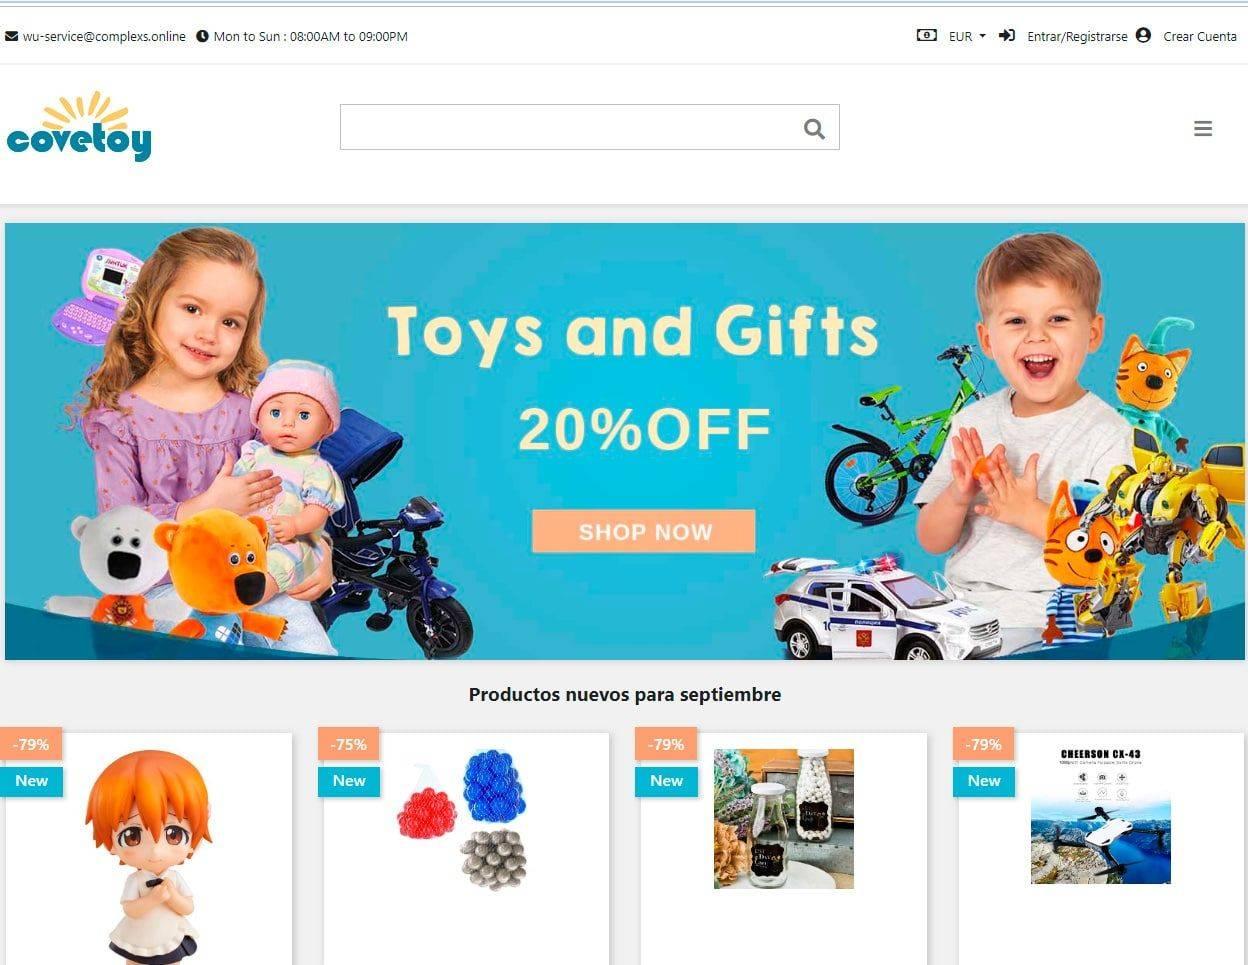 Yourraleighdreamhome.com Tienda Online Falsa Juguetes